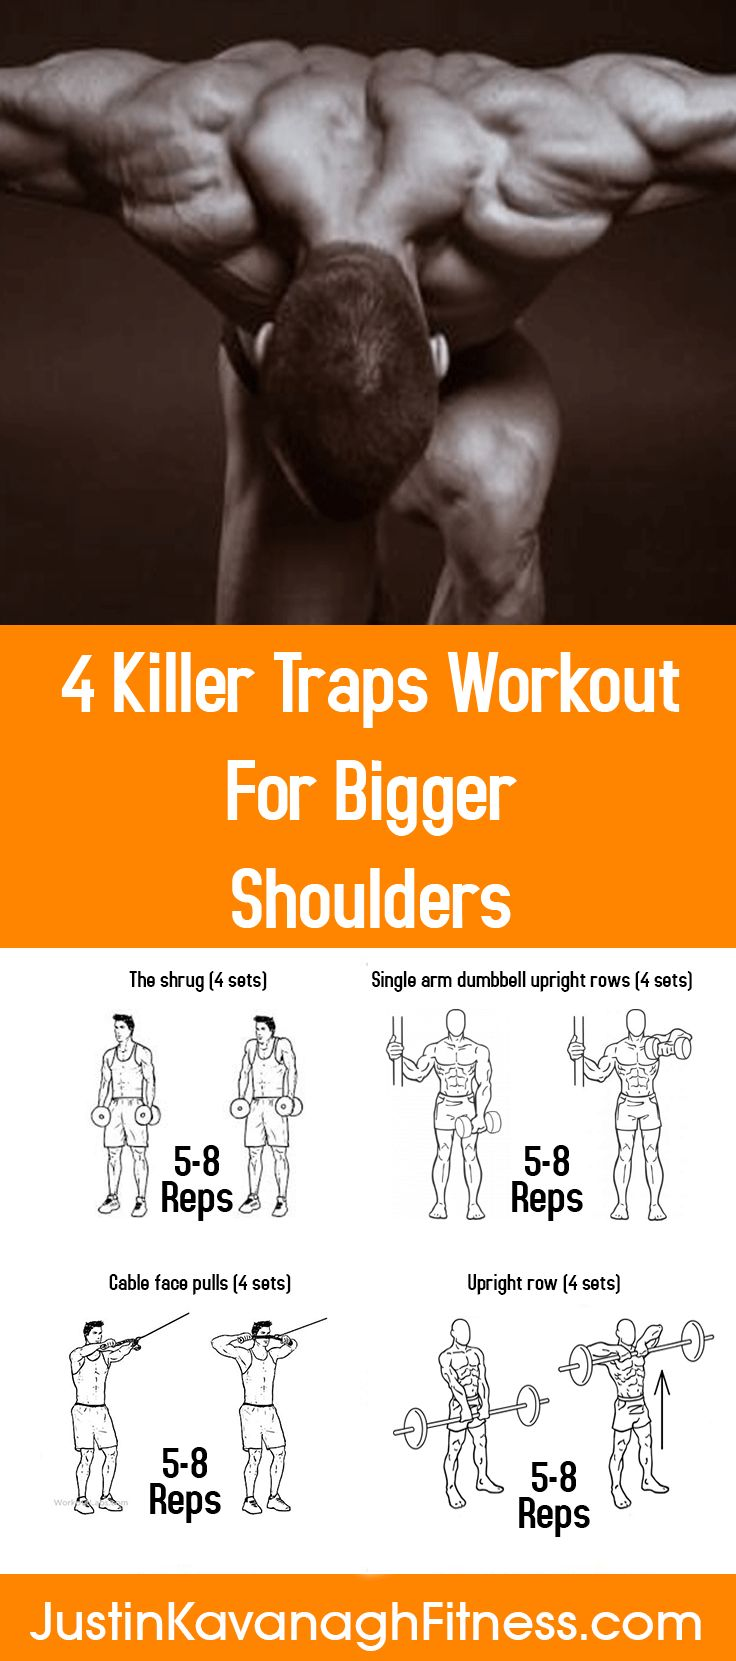 4 Killer Traps Workout For Bigger Shoulders